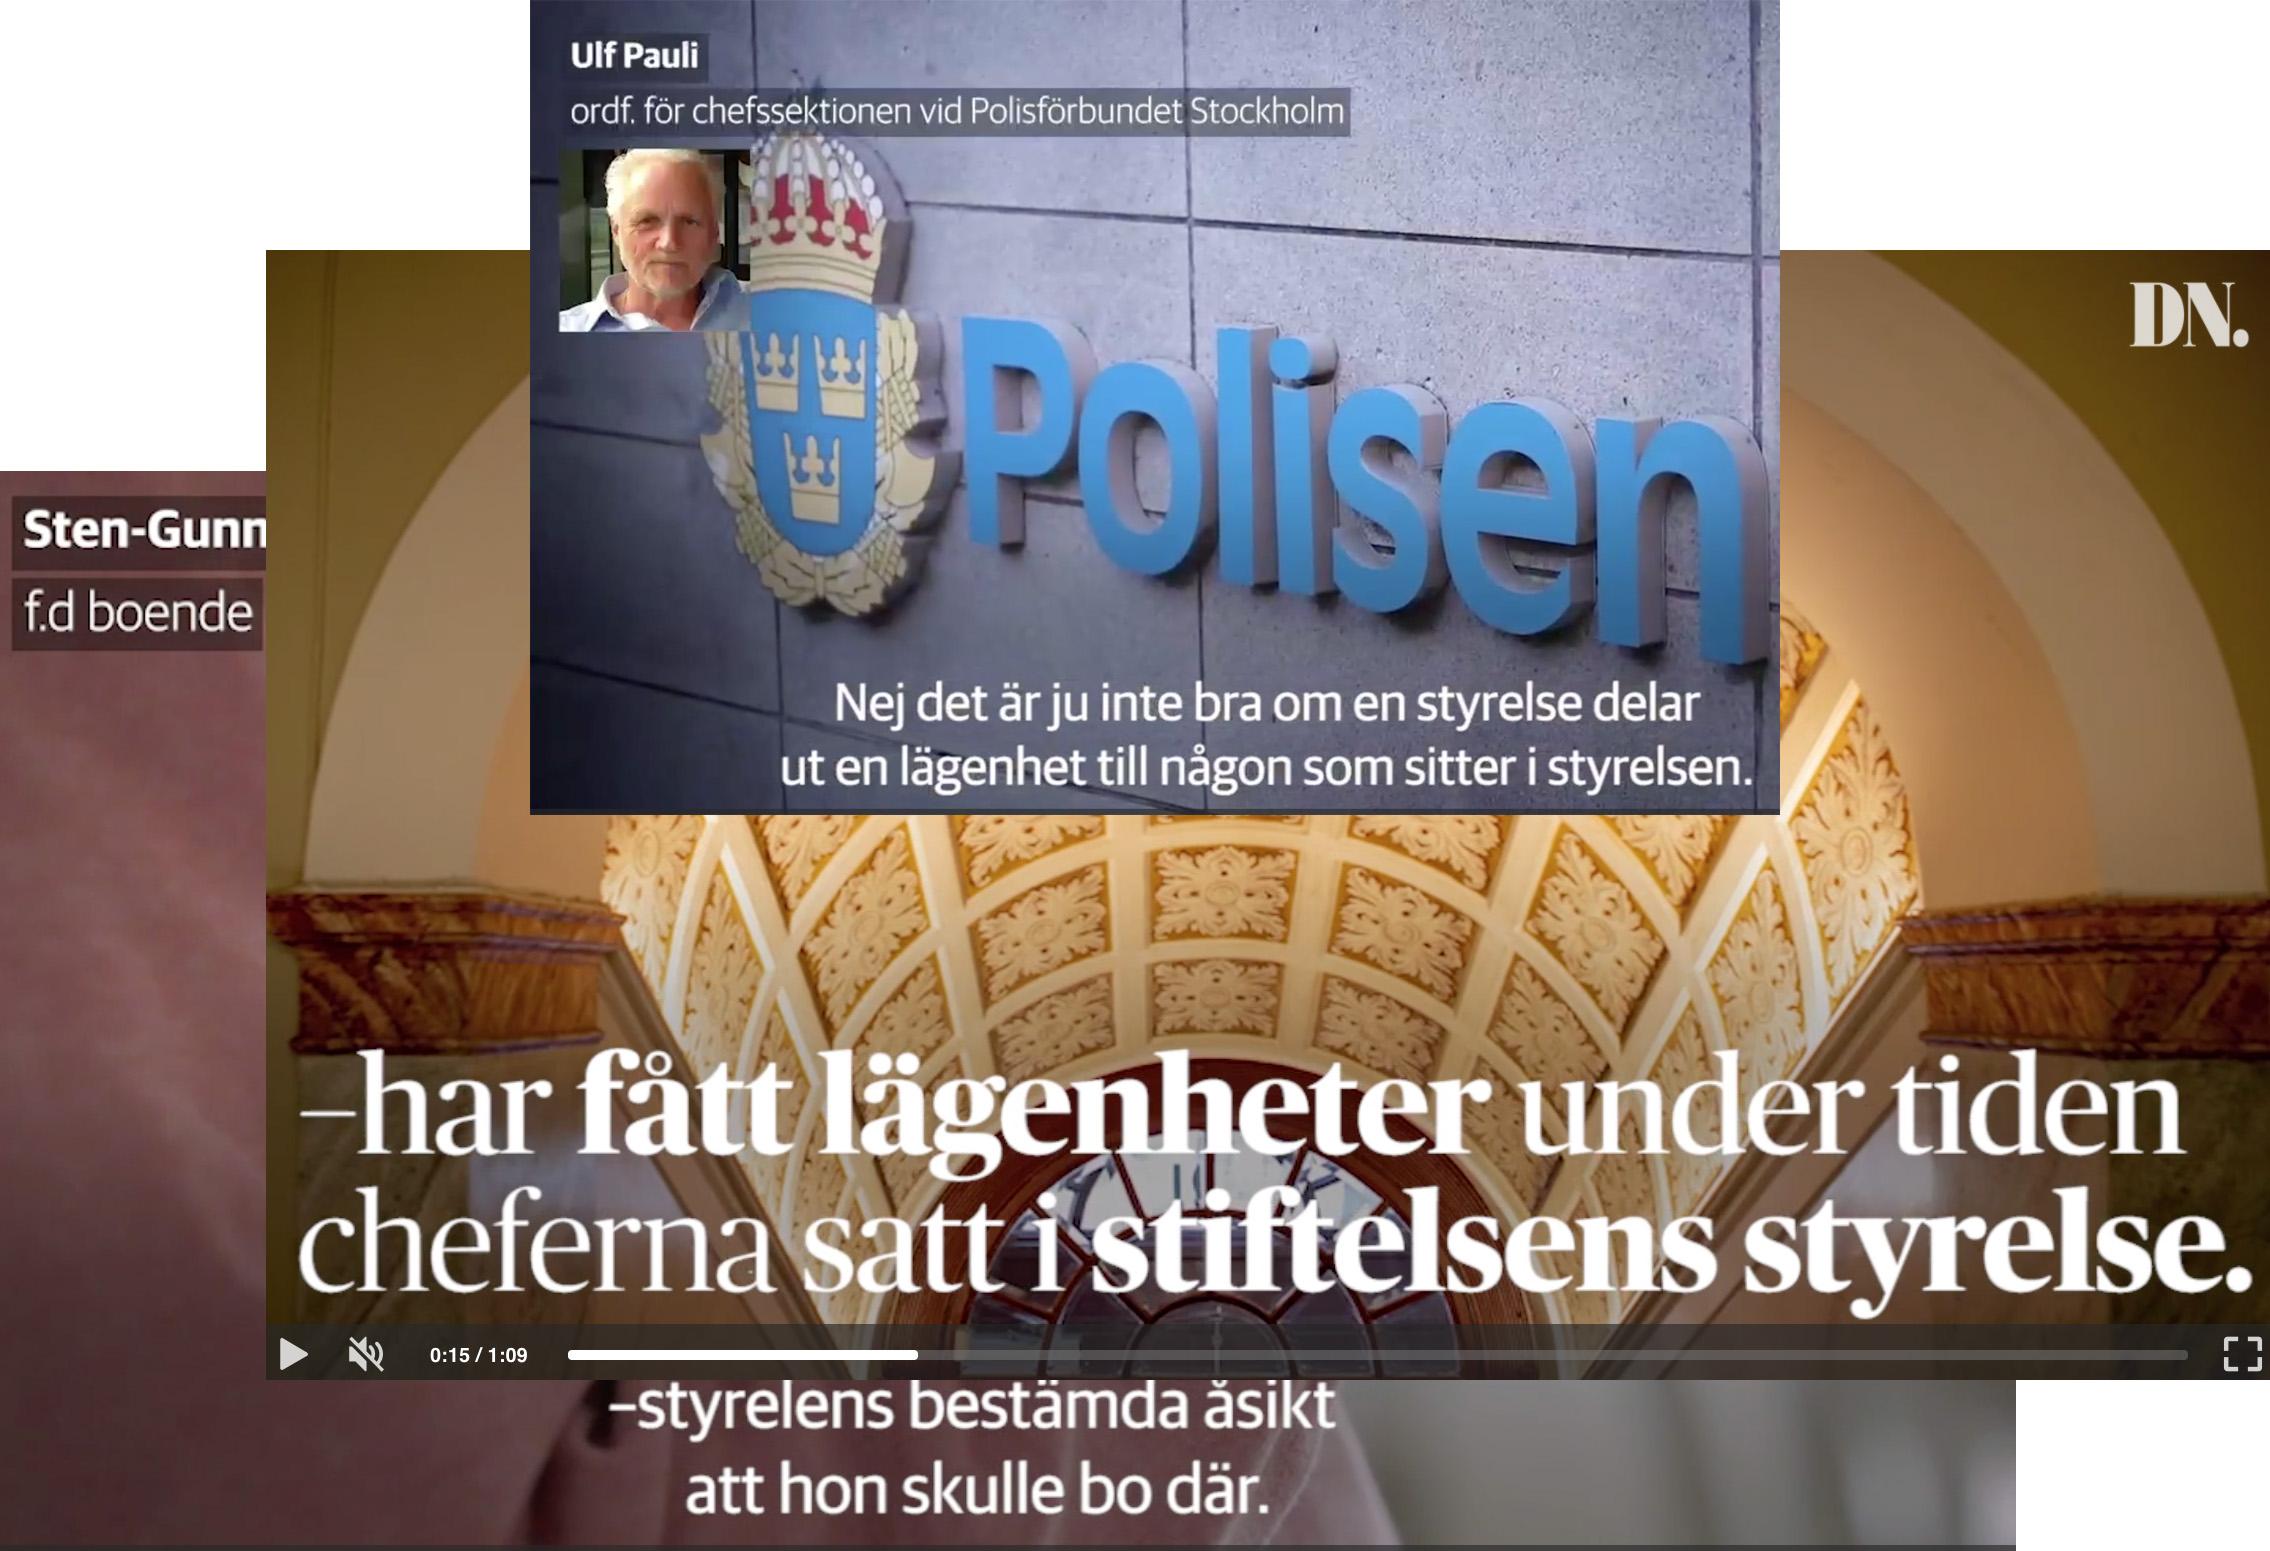 BRÅ-chefen mutad av polisen. Och det korrupta Sverige bryr sig inte ens.